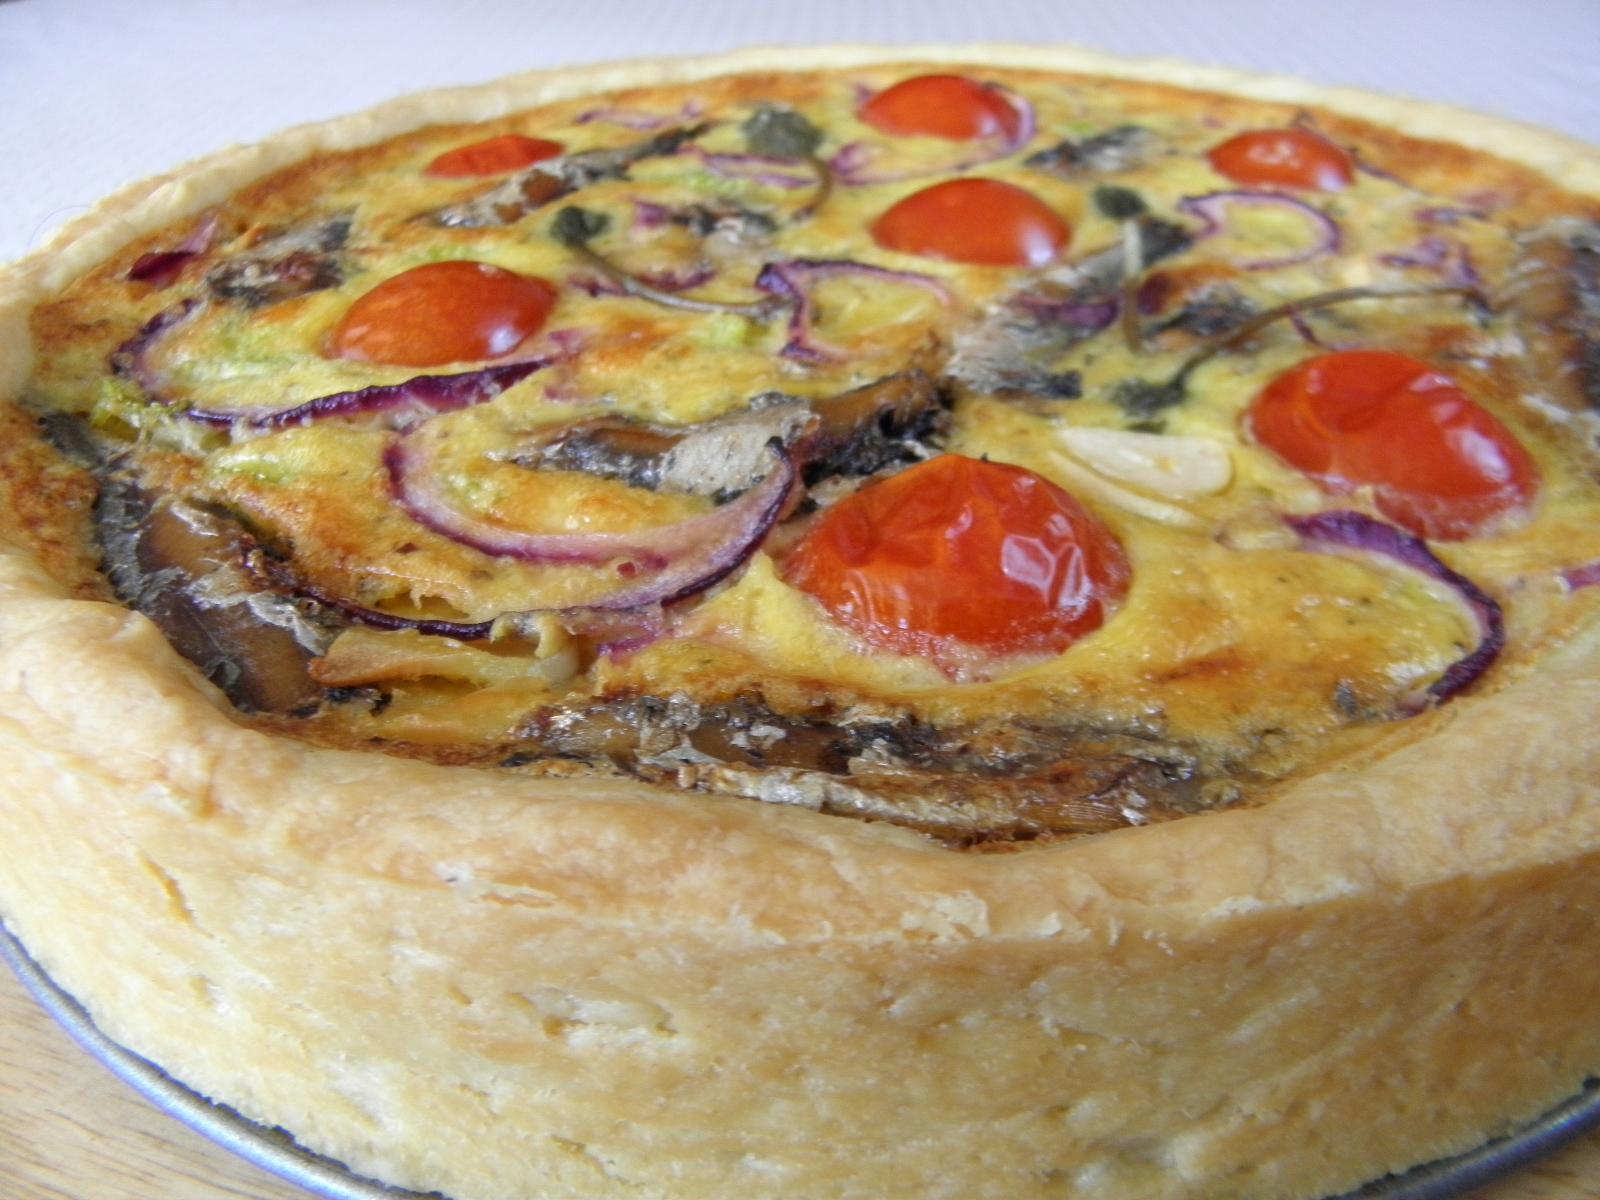 Recept Sýrový koláč se šproty - Opravdu výborný odzkoušený a sytý koláč se sýrem a uzenými šproty.